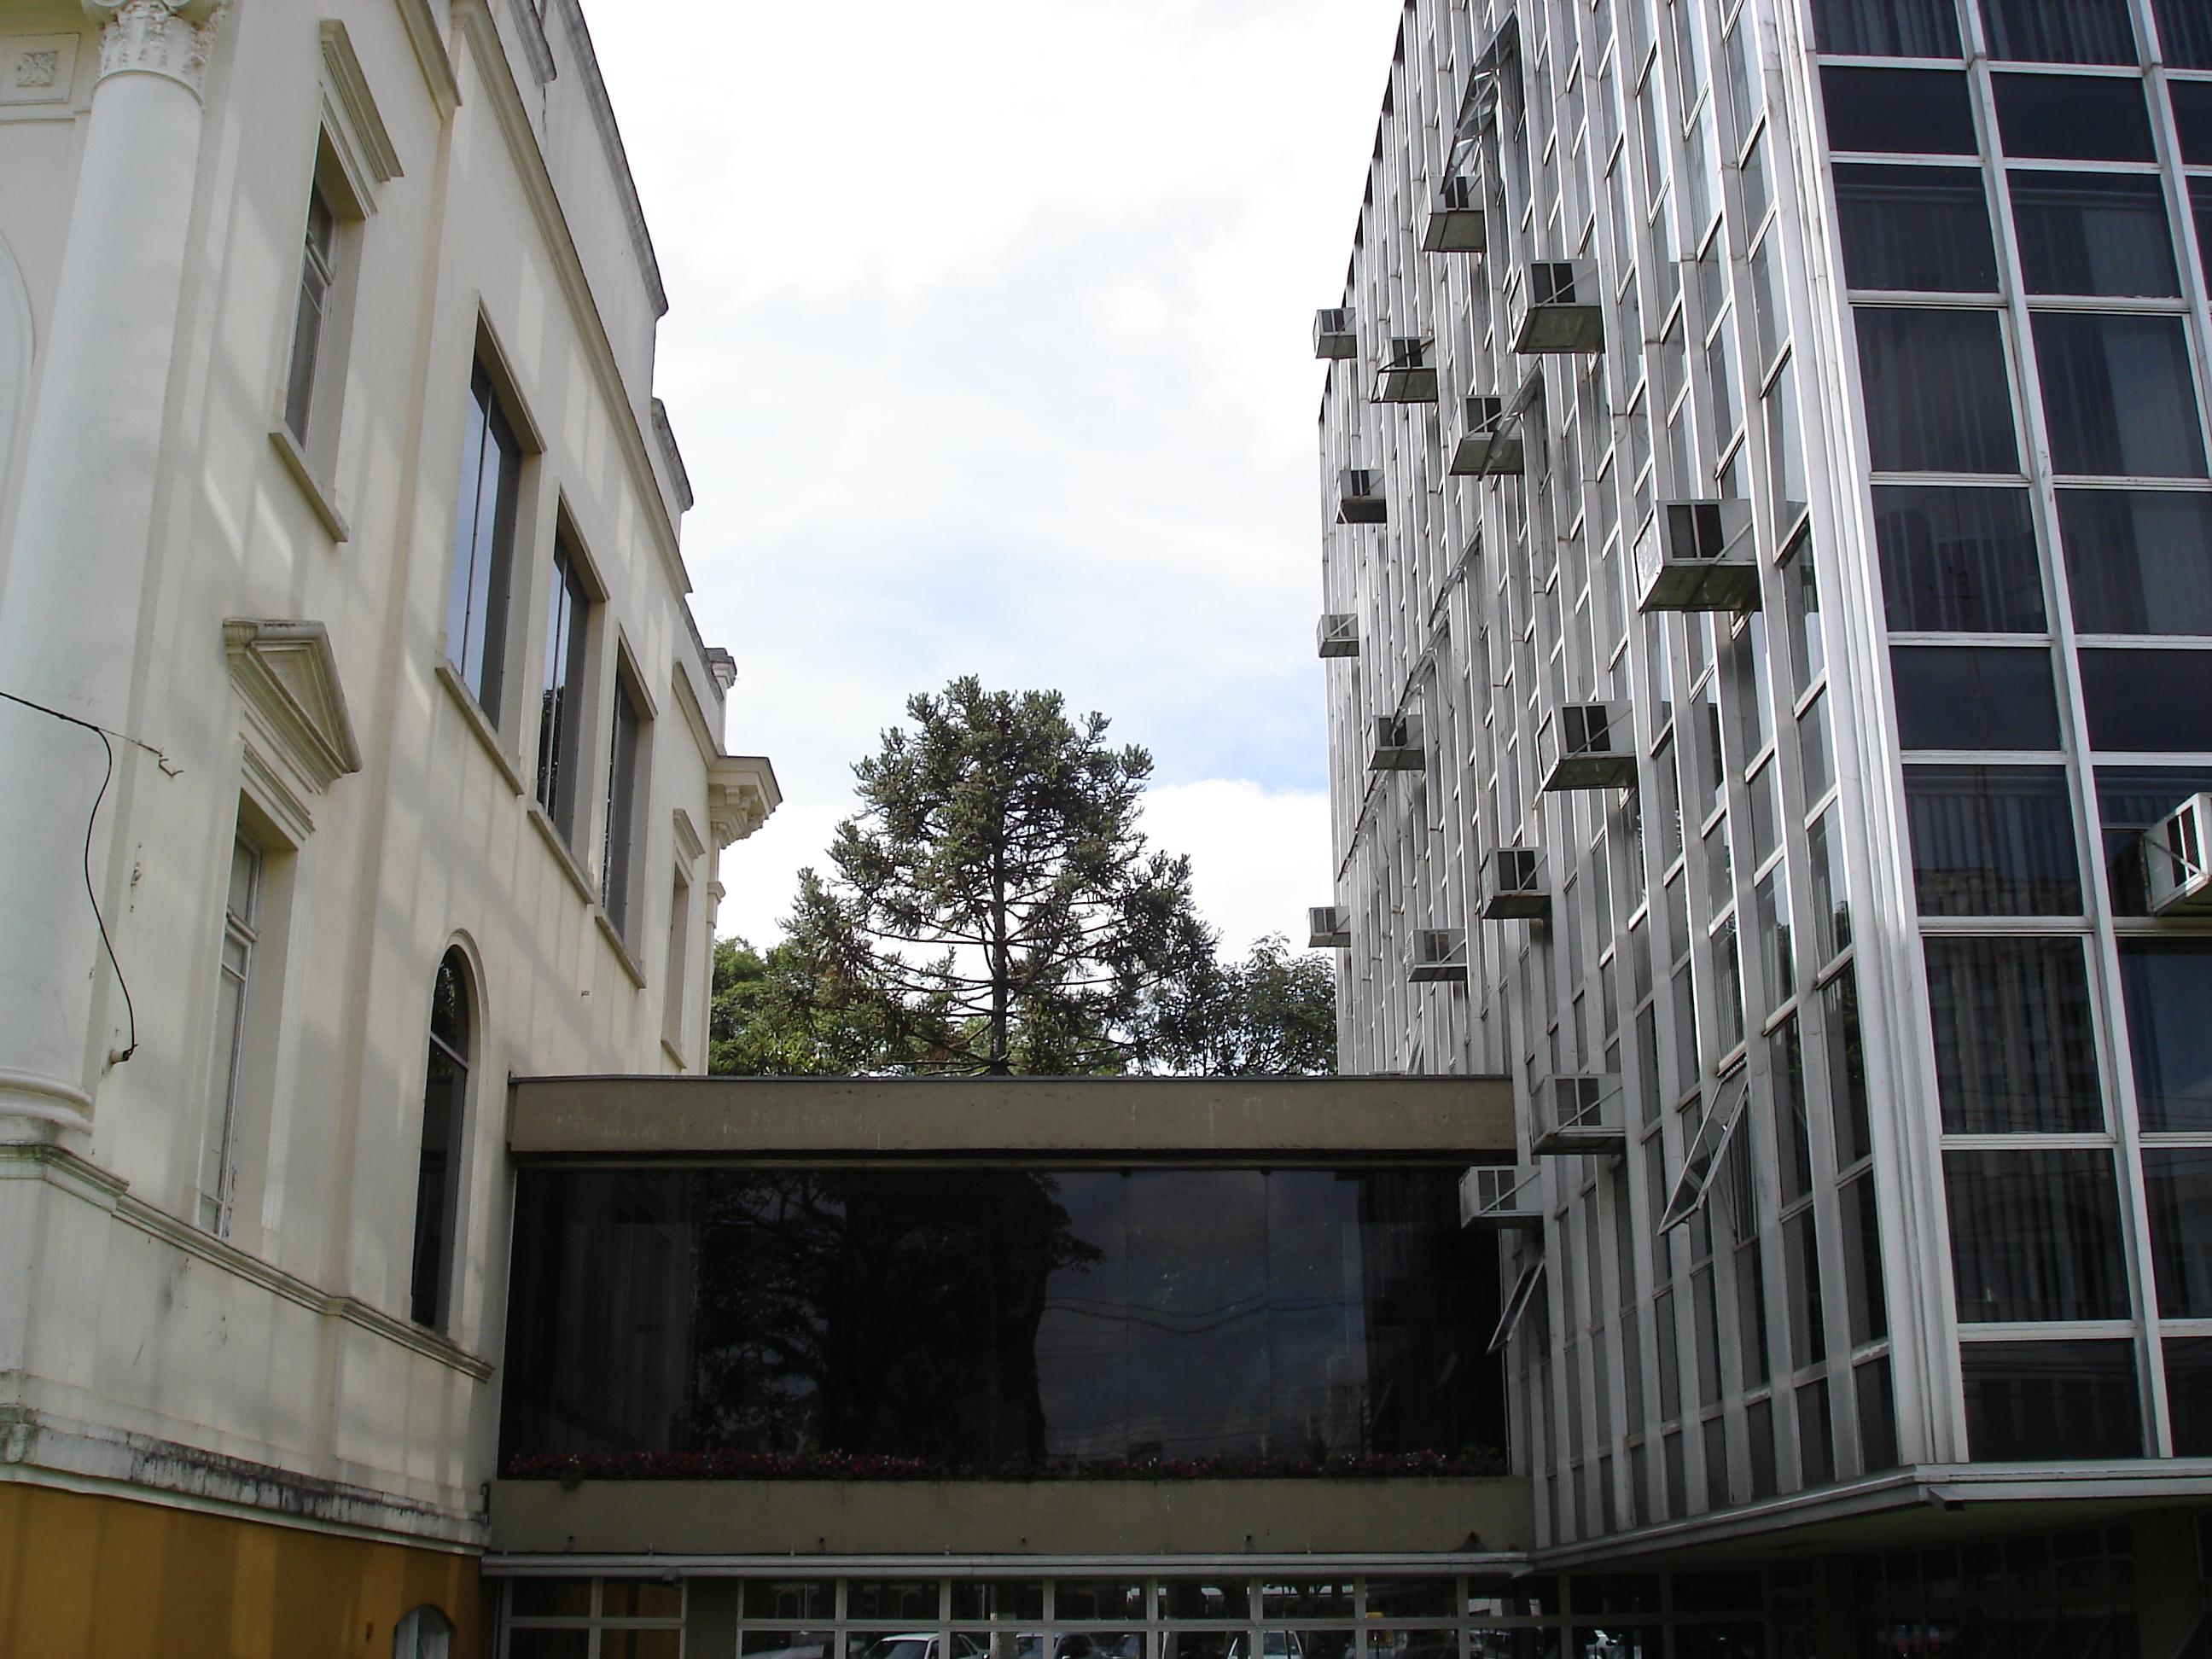 Detalhe da ligação do Palácio Rio Branco com o edifício anexo, em 2007.